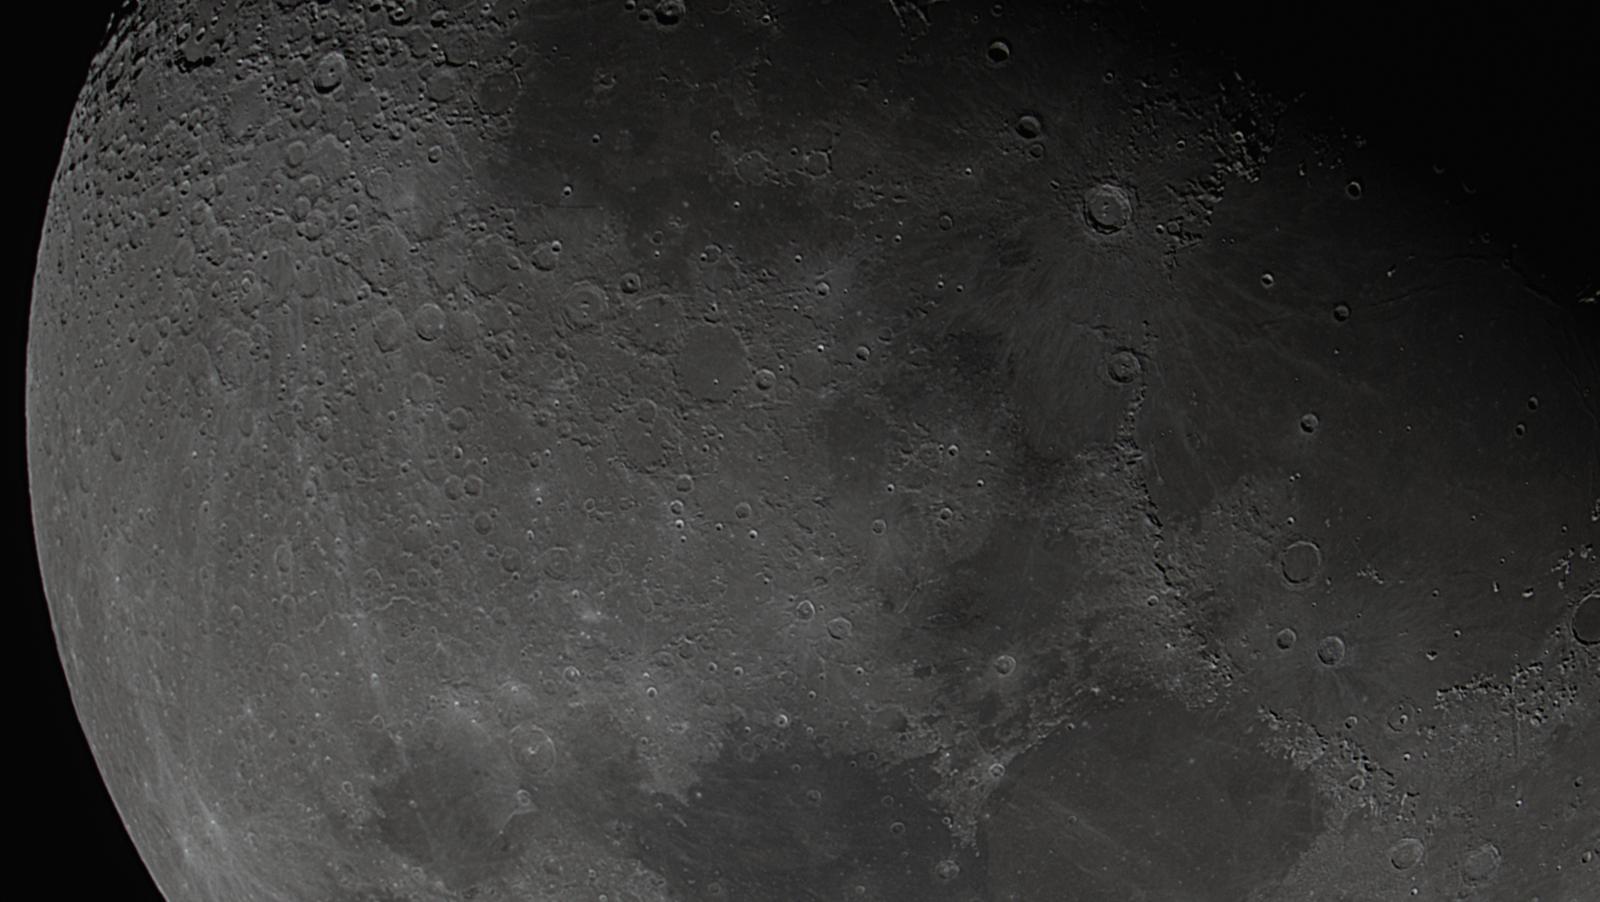 Moon on 11-17-18